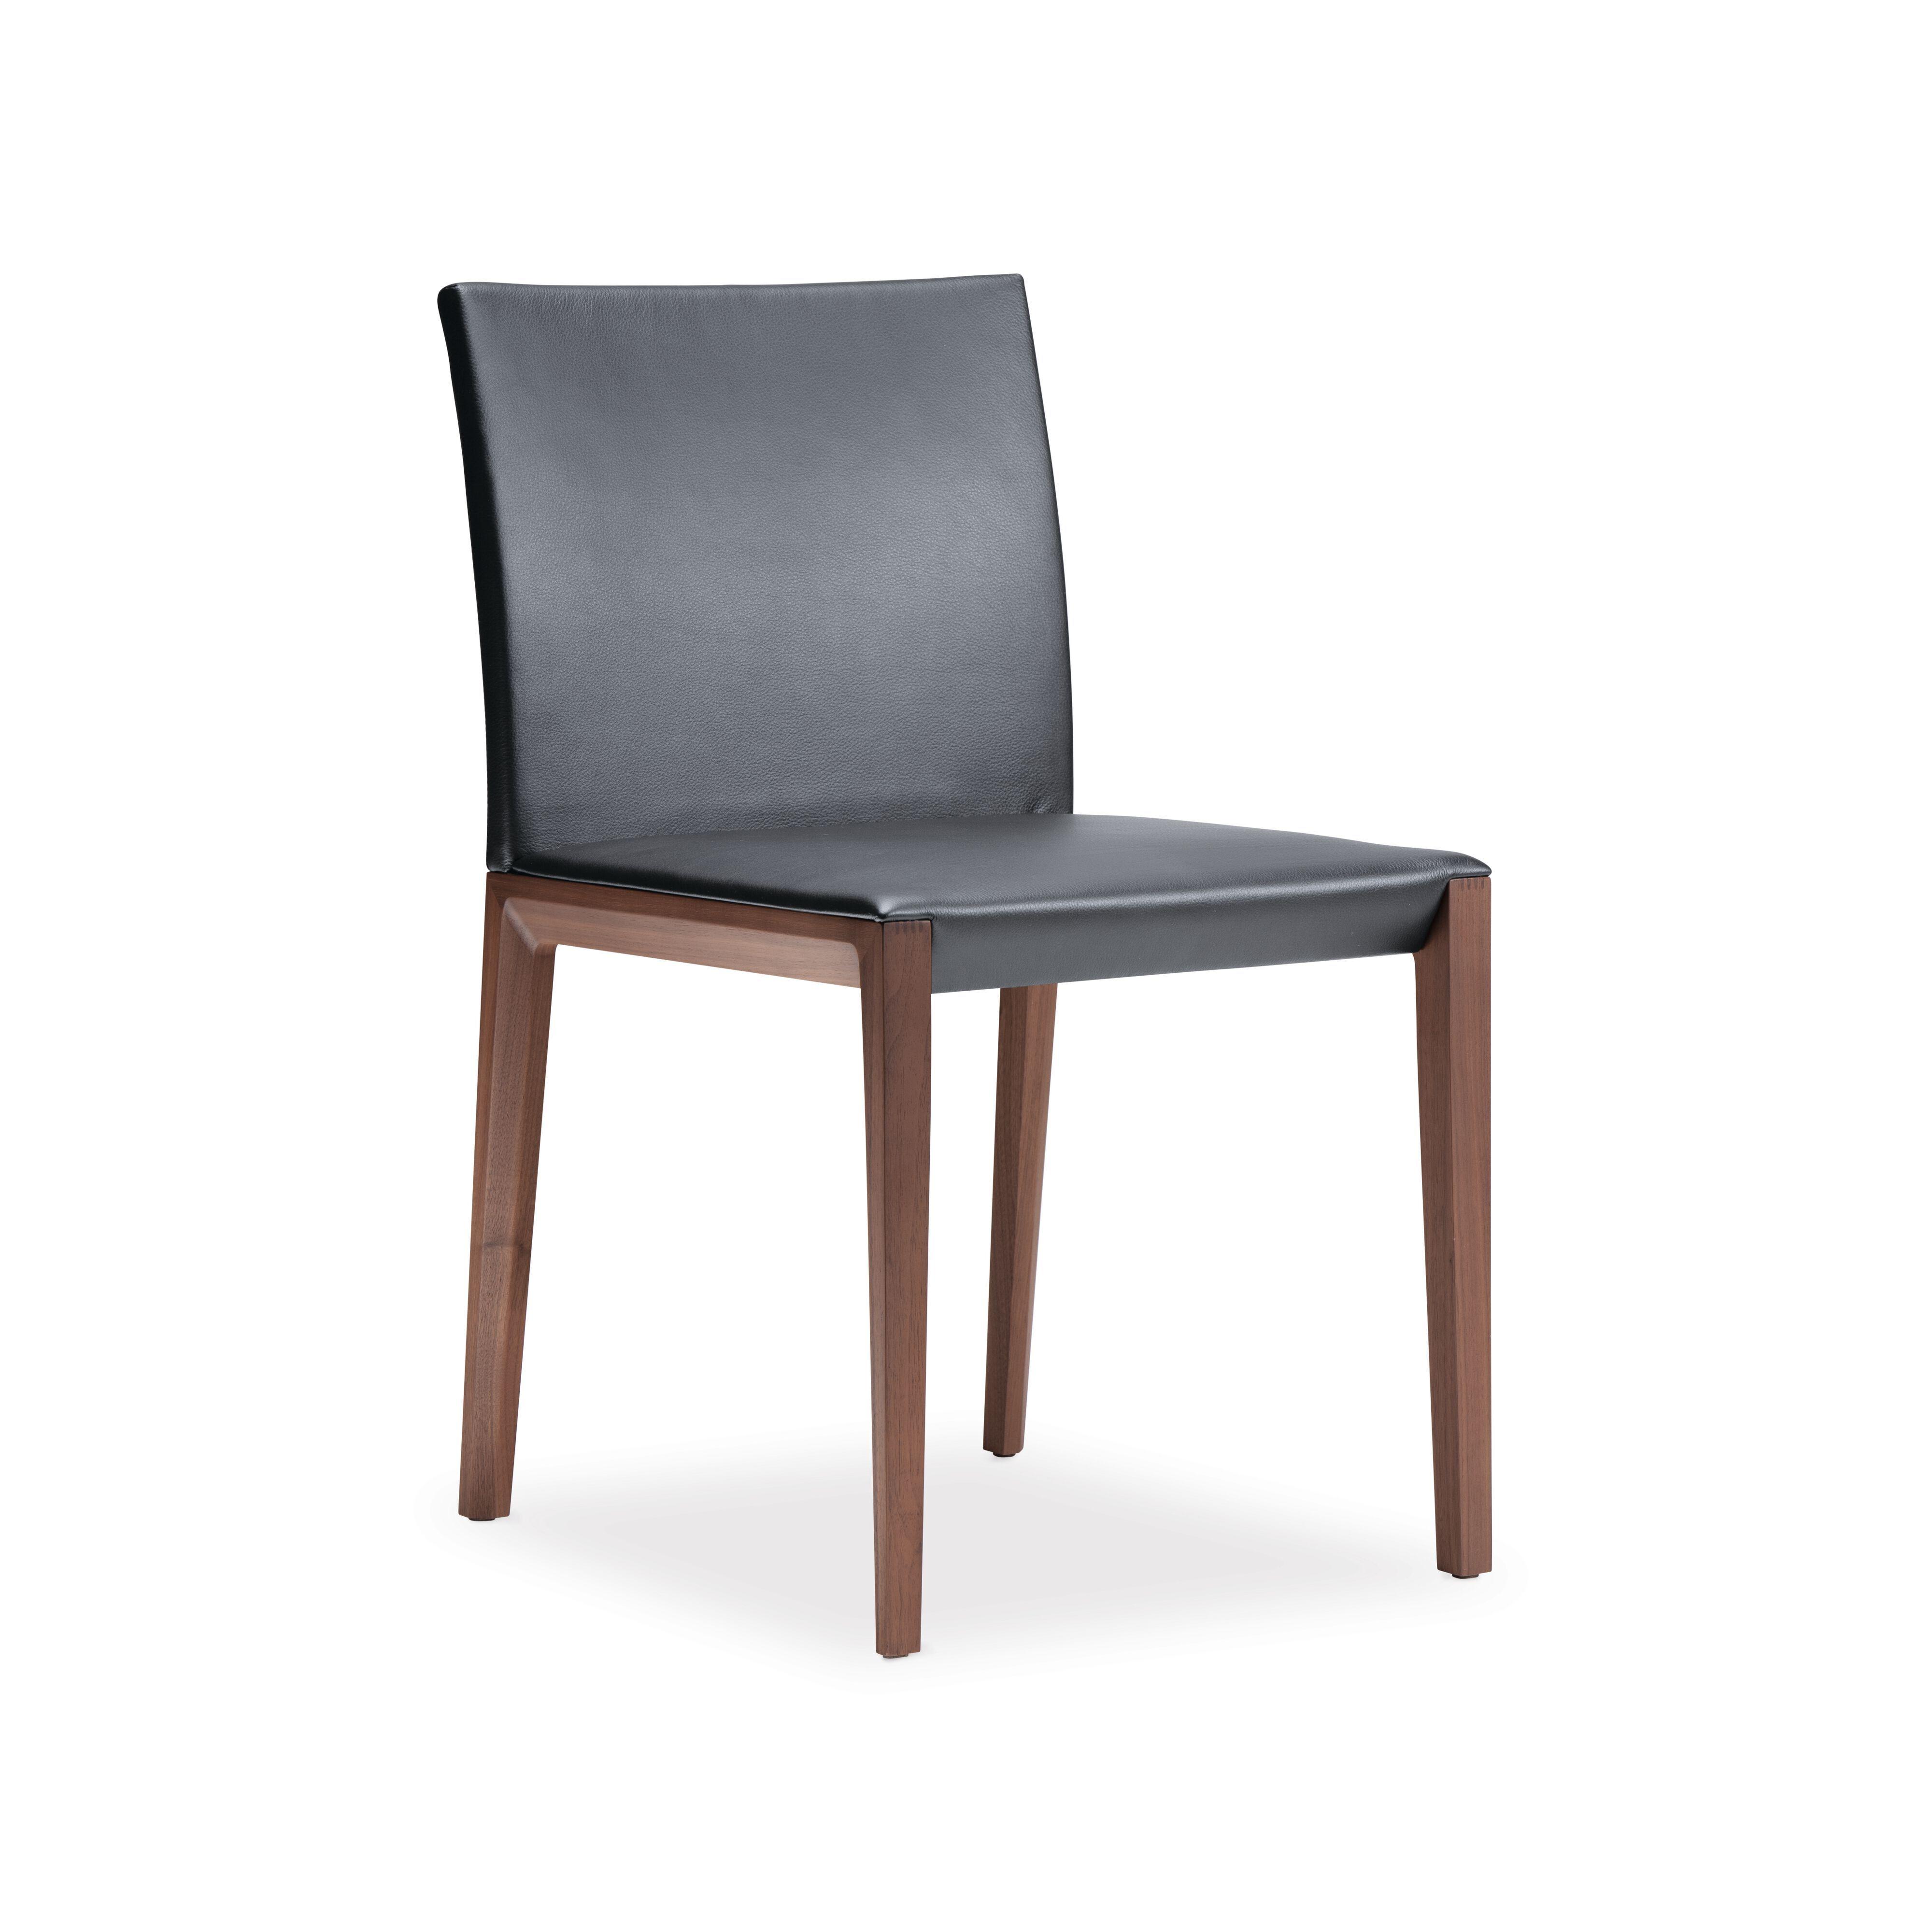 01_WK-Andoo_Chair-0007.tif